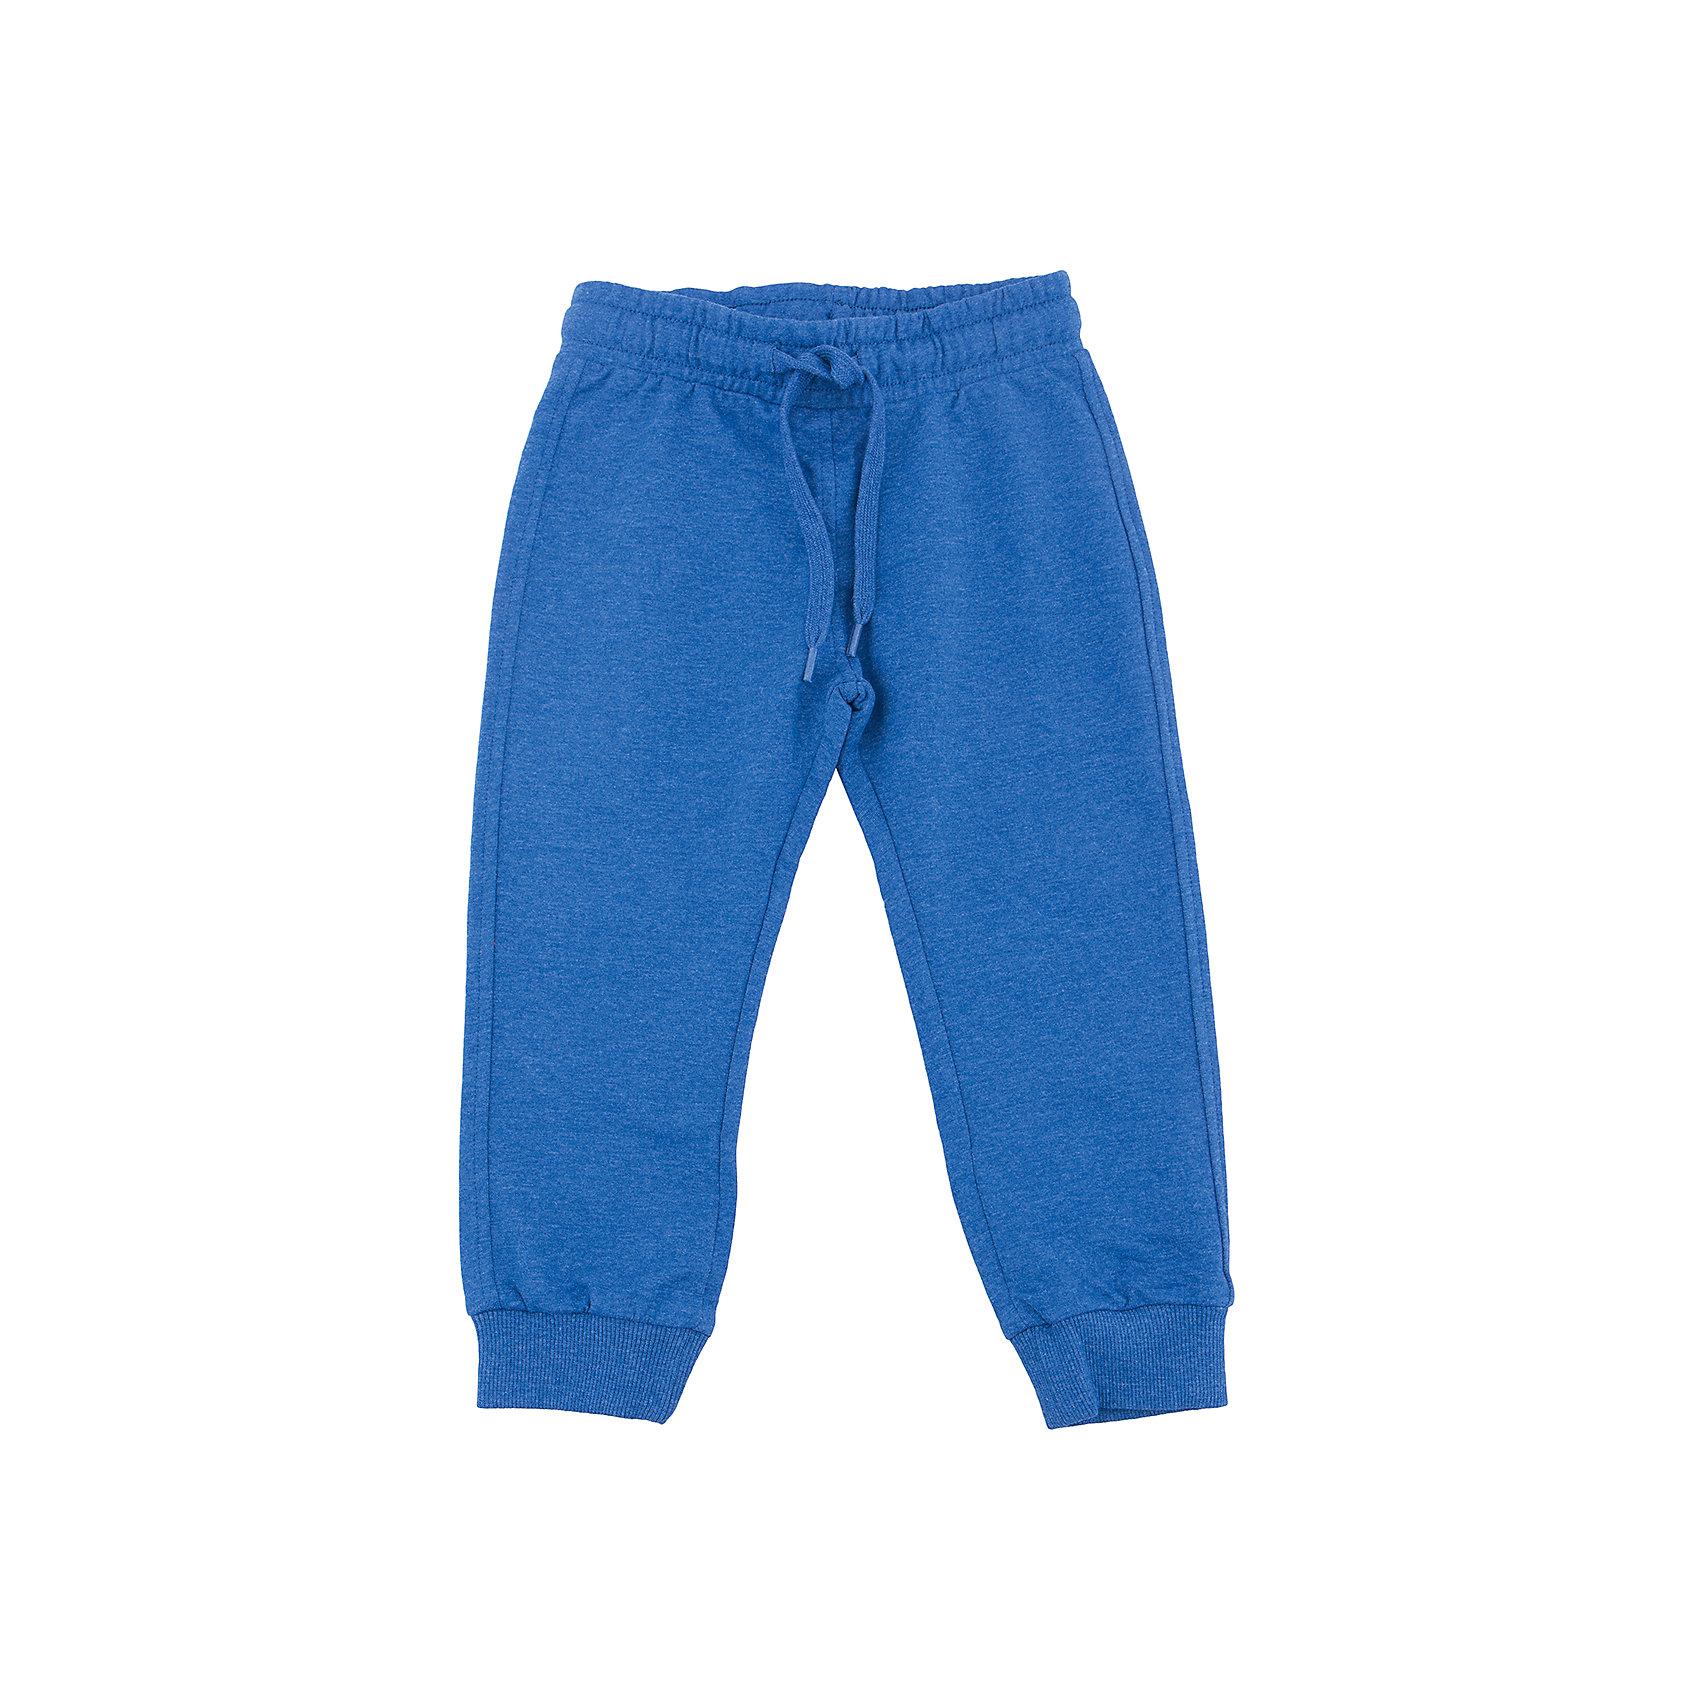 Брюки для мальчика SELAСпортивная одежда<br>Брюки для мальчика SELA (Села)<br><br>Характеристики:<br><br>• длина: полная с манжетами<br>• прямой, зауженный к низу силуэт<br>• состав: 60% хлопок, 40% полиэстер<br>• коллекция: весна 2017<br>• темно-синий меланж<br><br>Брюки для мальчика от известного бренда Sela очень удобны для каждого мальчика. Они имеют прямой силуэт, который заужен к низу и дополнен манжетами. Широкая резинка и завязки на поясе обеспечат удобство при ношении. Модель не сковывает движений ребенка даже во время самых активных игр. <br><br>Брюки для мальчика SELA (Села) вы можете купить в нашем интернет-магазине.<br><br>Ширина мм: 215<br>Глубина мм: 88<br>Высота мм: 191<br>Вес г: 336<br>Цвет: синий<br>Возраст от месяцев: 60<br>Возраст до месяцев: 72<br>Пол: Мужской<br>Возраст: Детский<br>Размер: 116,92,98,104,110<br>SKU: 5302349